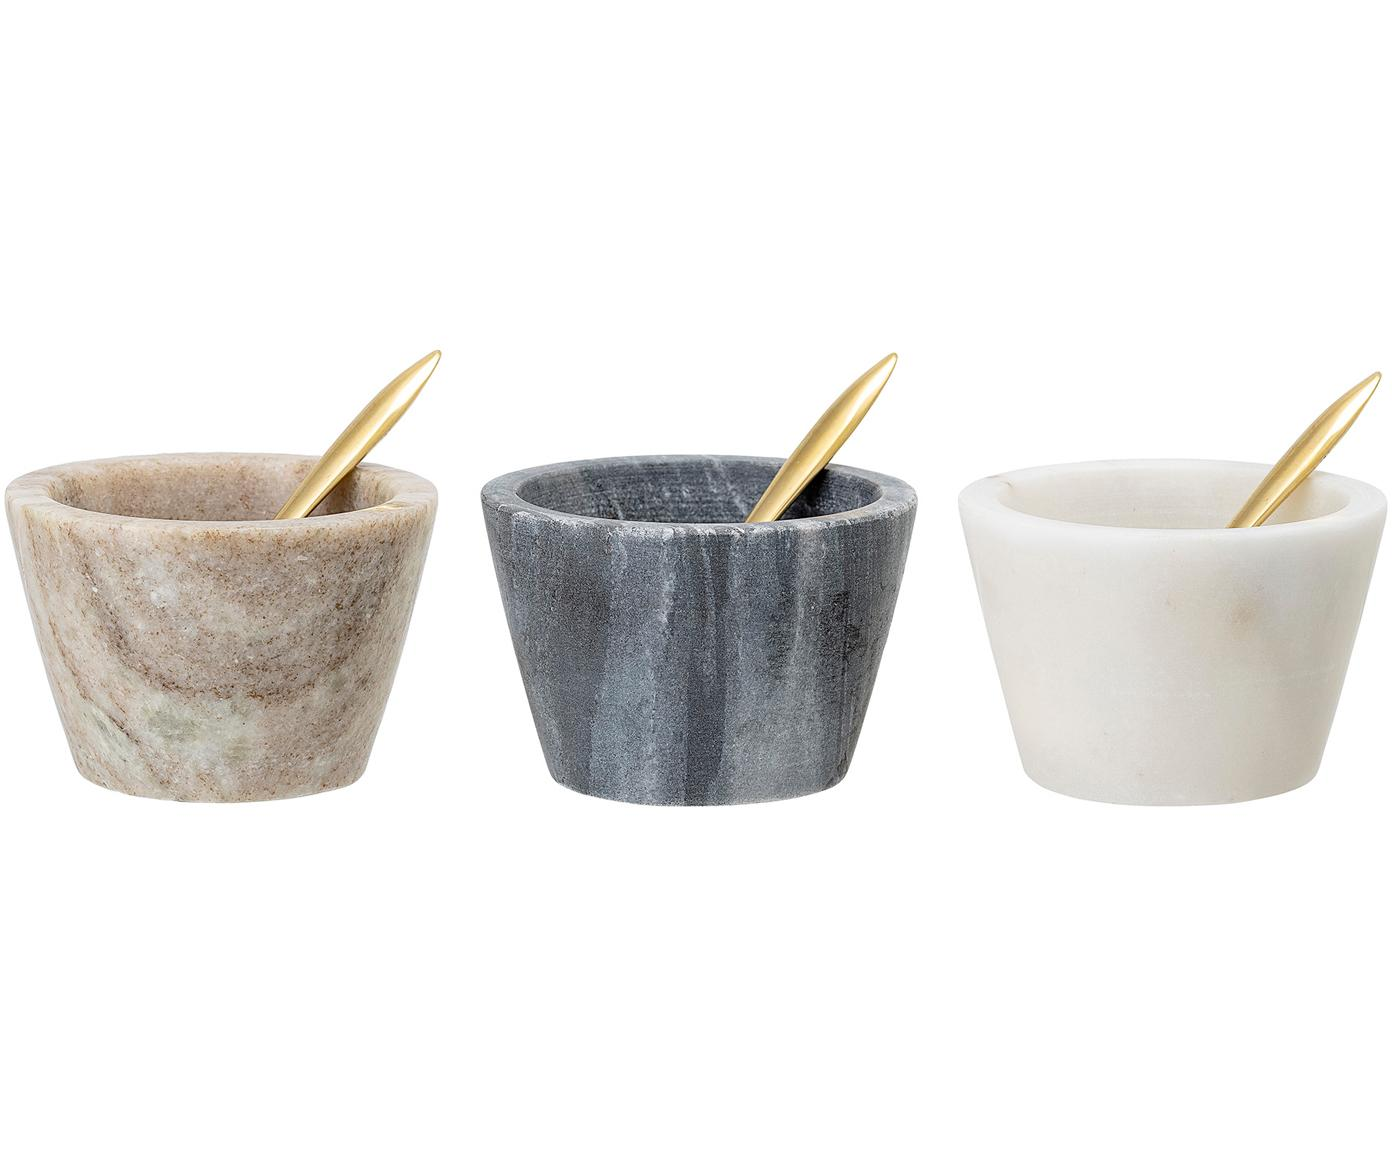 Set de 3 cuencos de mármol Janina, Cuencos: mármol, Cuchara: latón, Multicolor, Ø 8x Al 5 cm